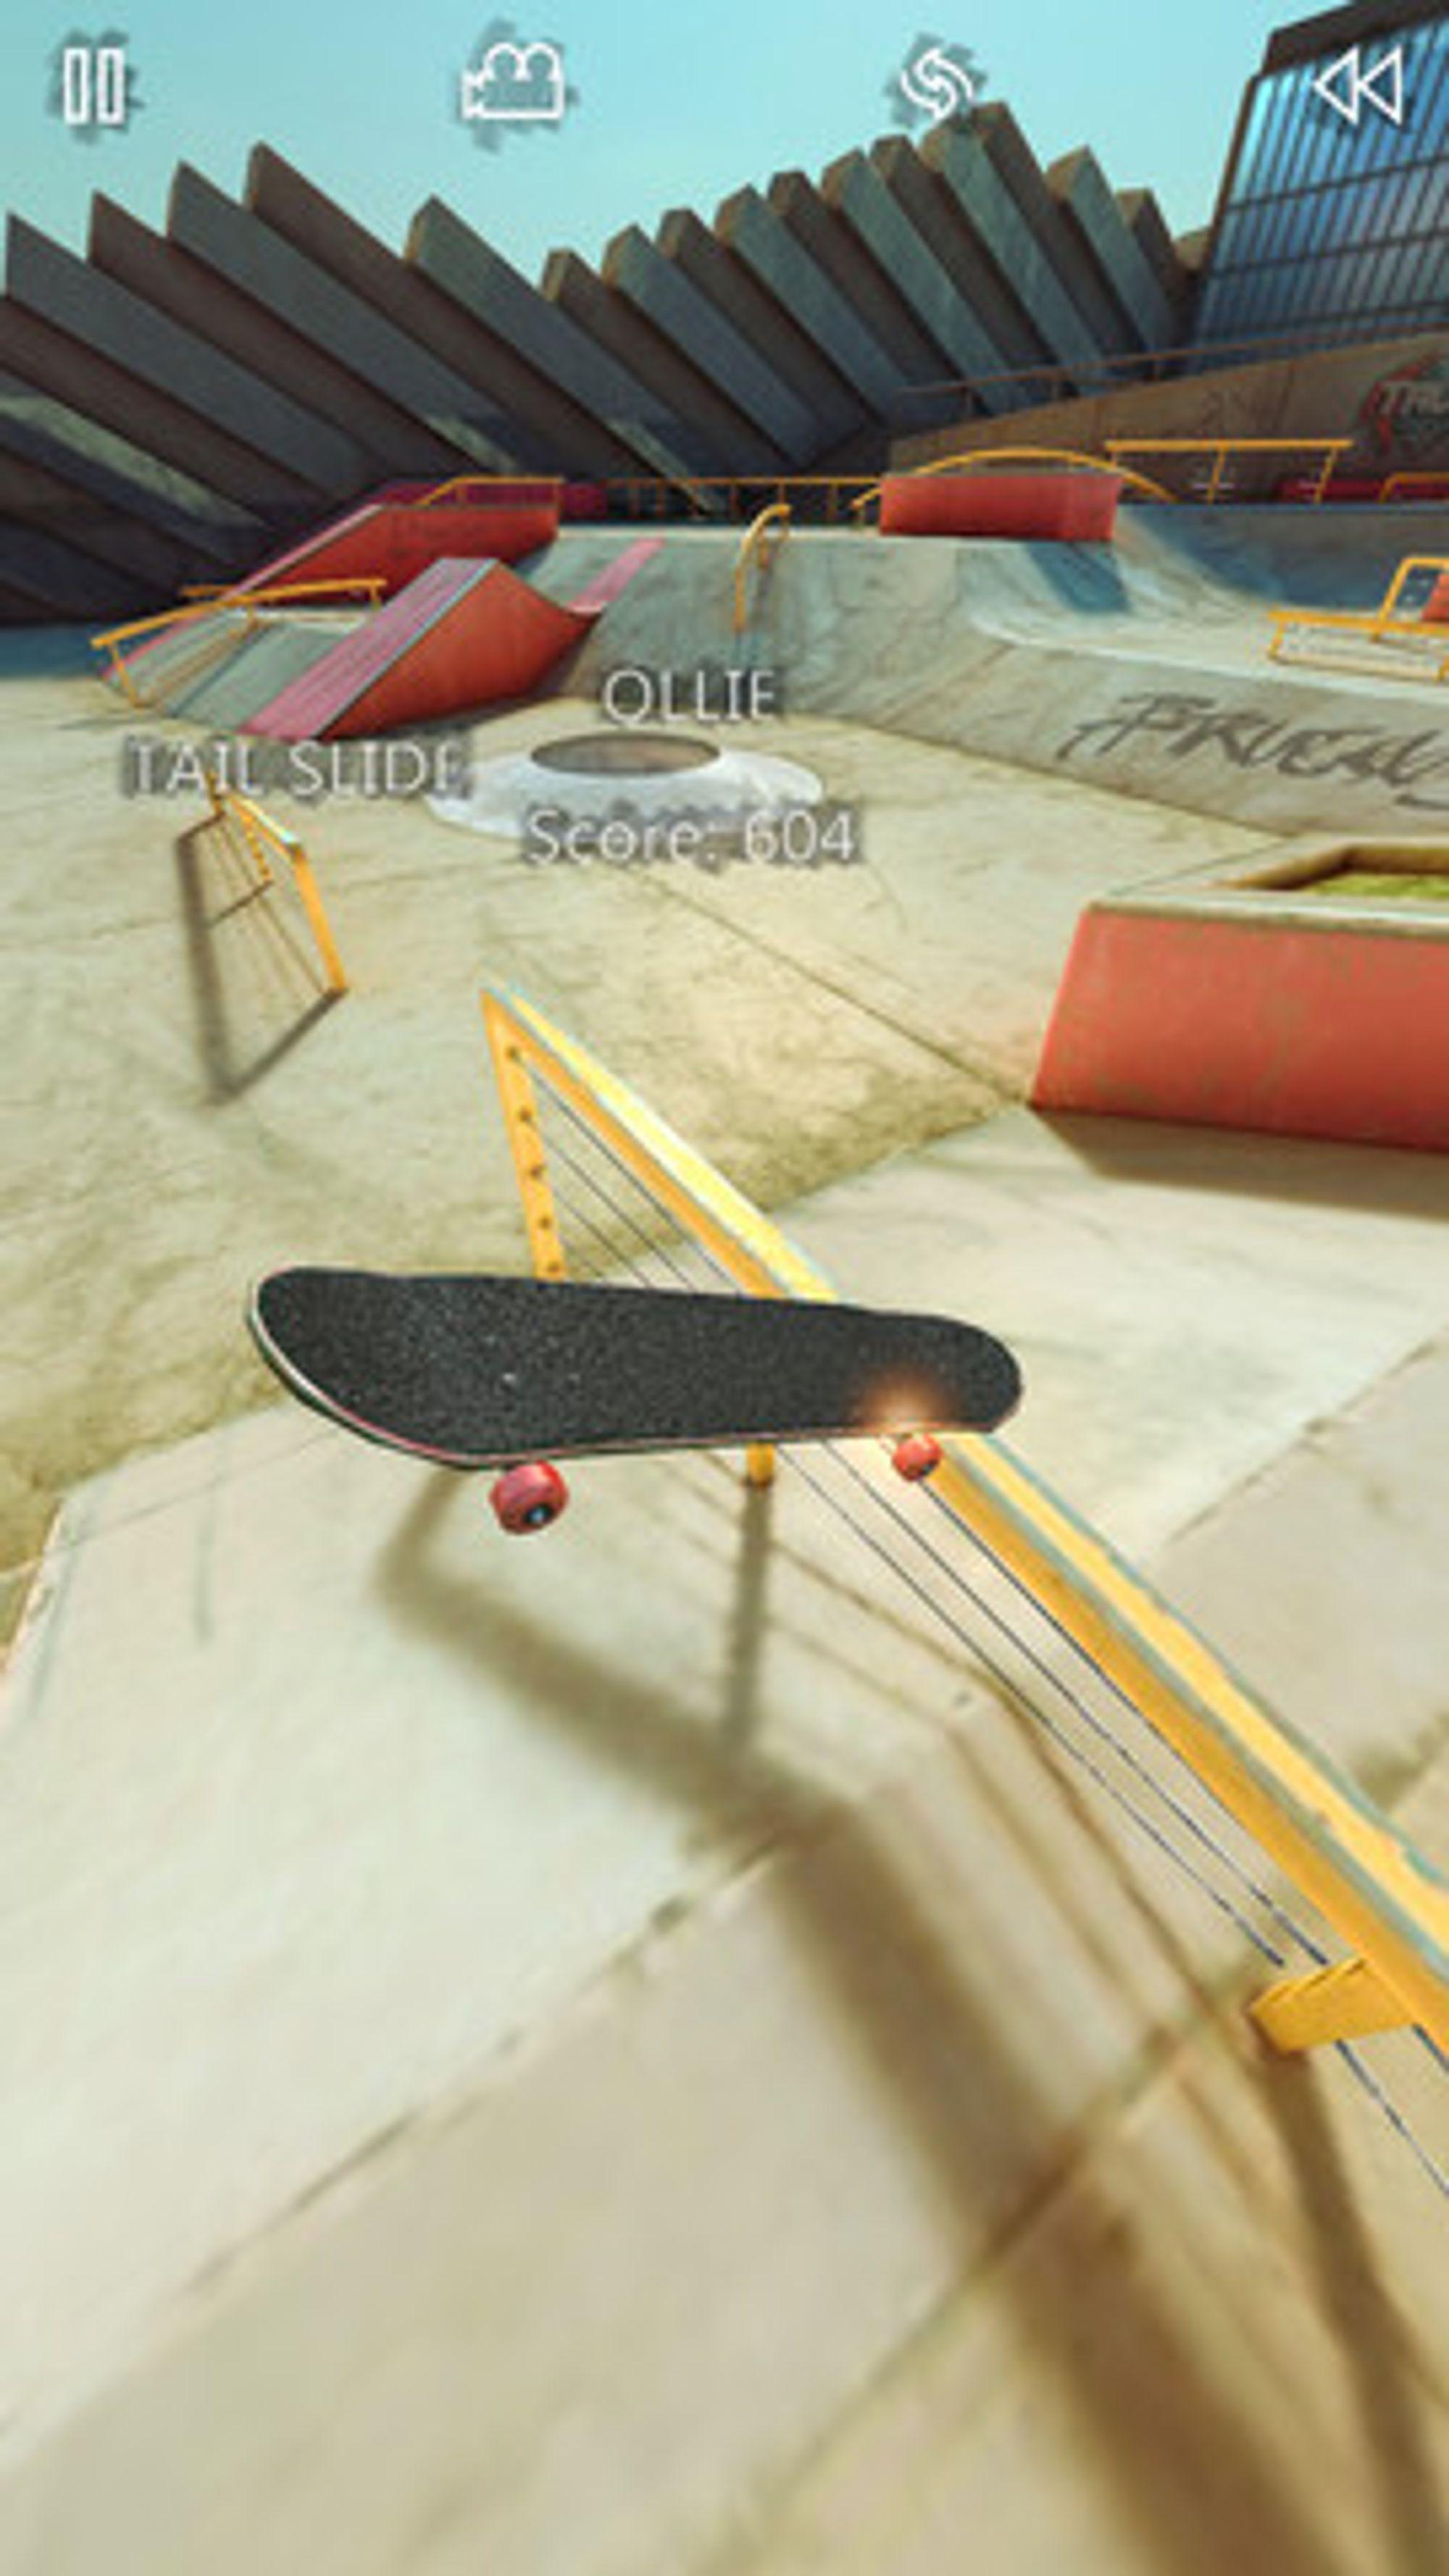 True Skate.